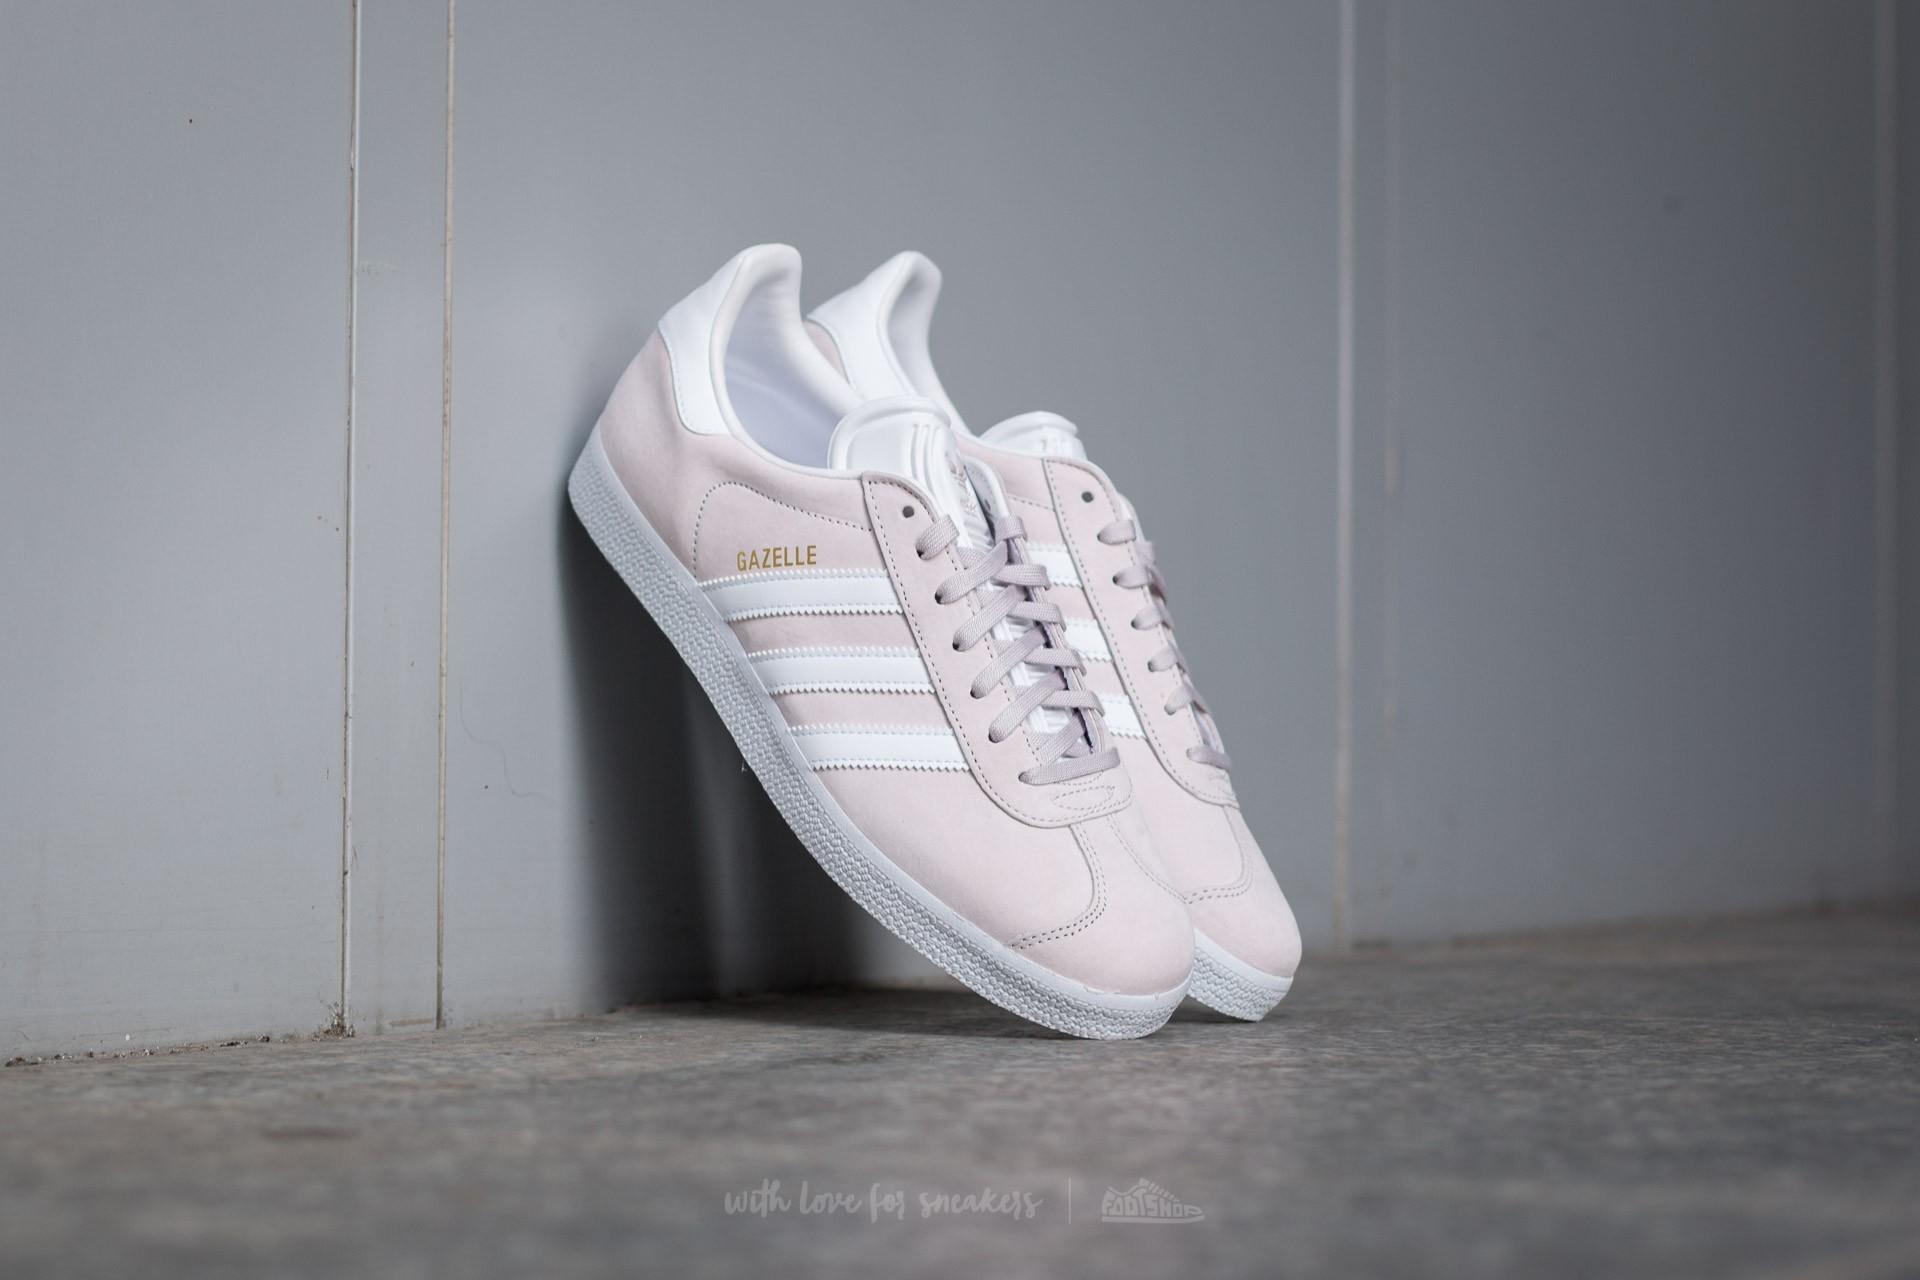 adidas Gazelle Icepur/ White/ Gold Metallic